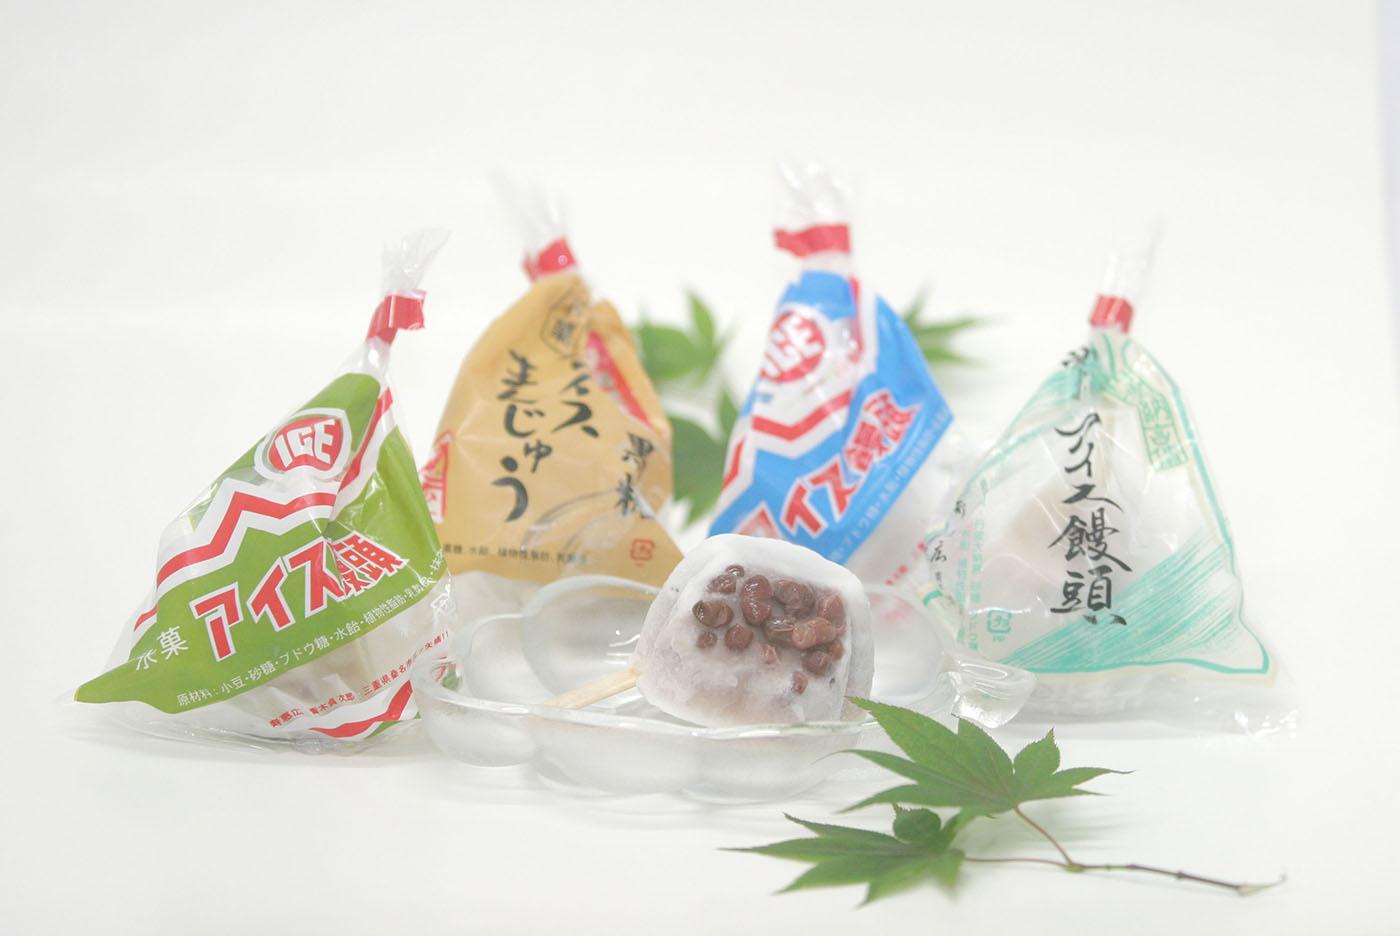 アイス饅頭詰め合わせBセット(16本)